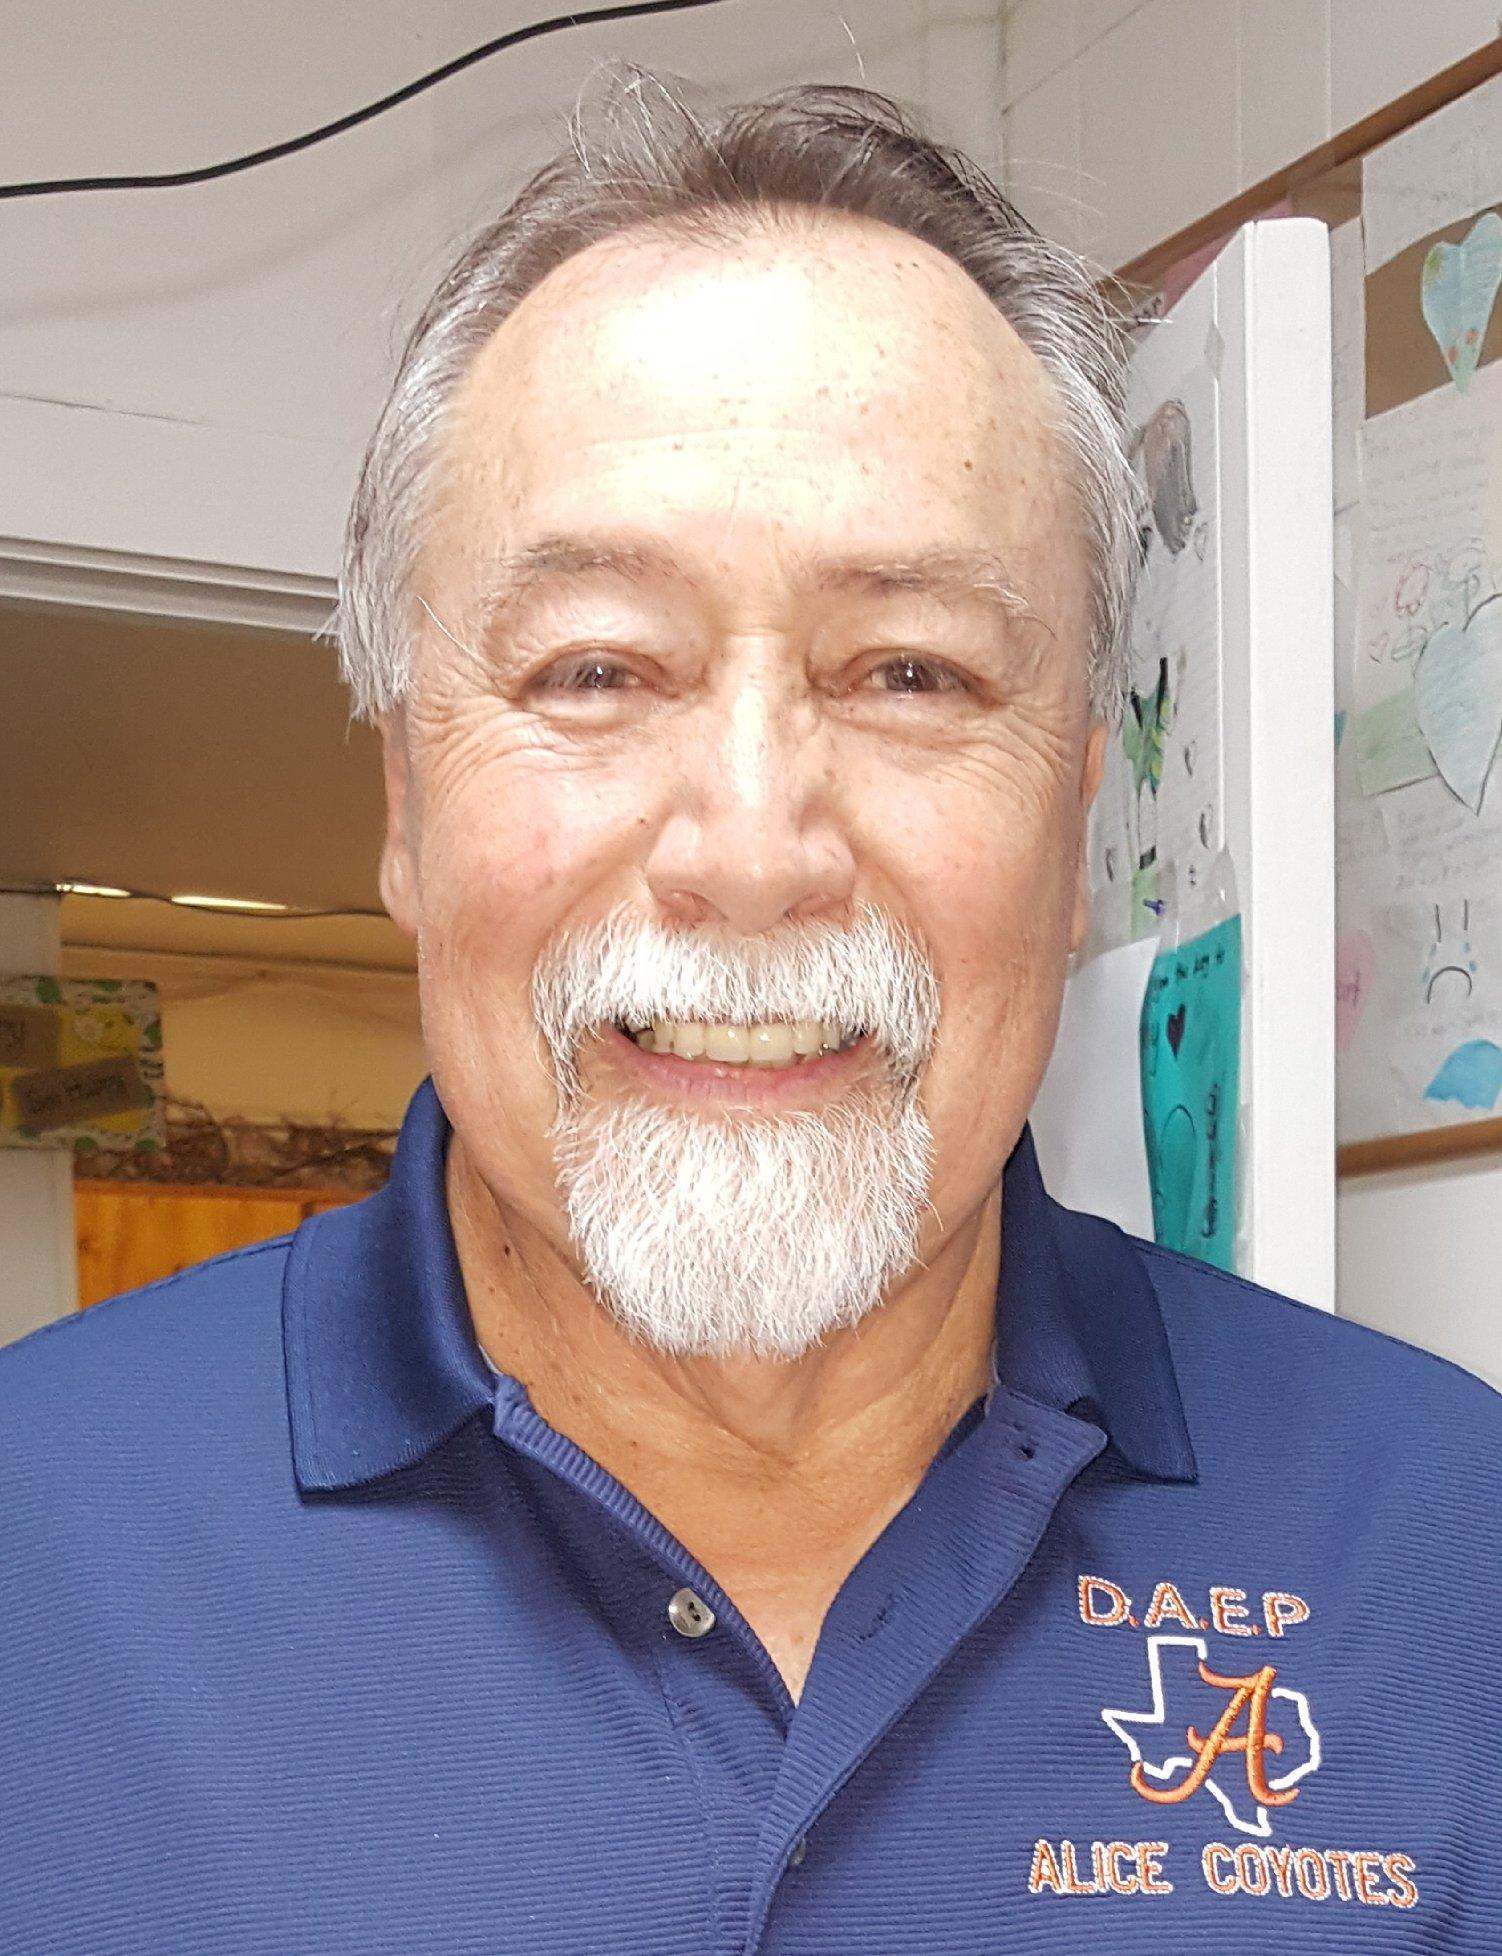 Vicente Enriquez